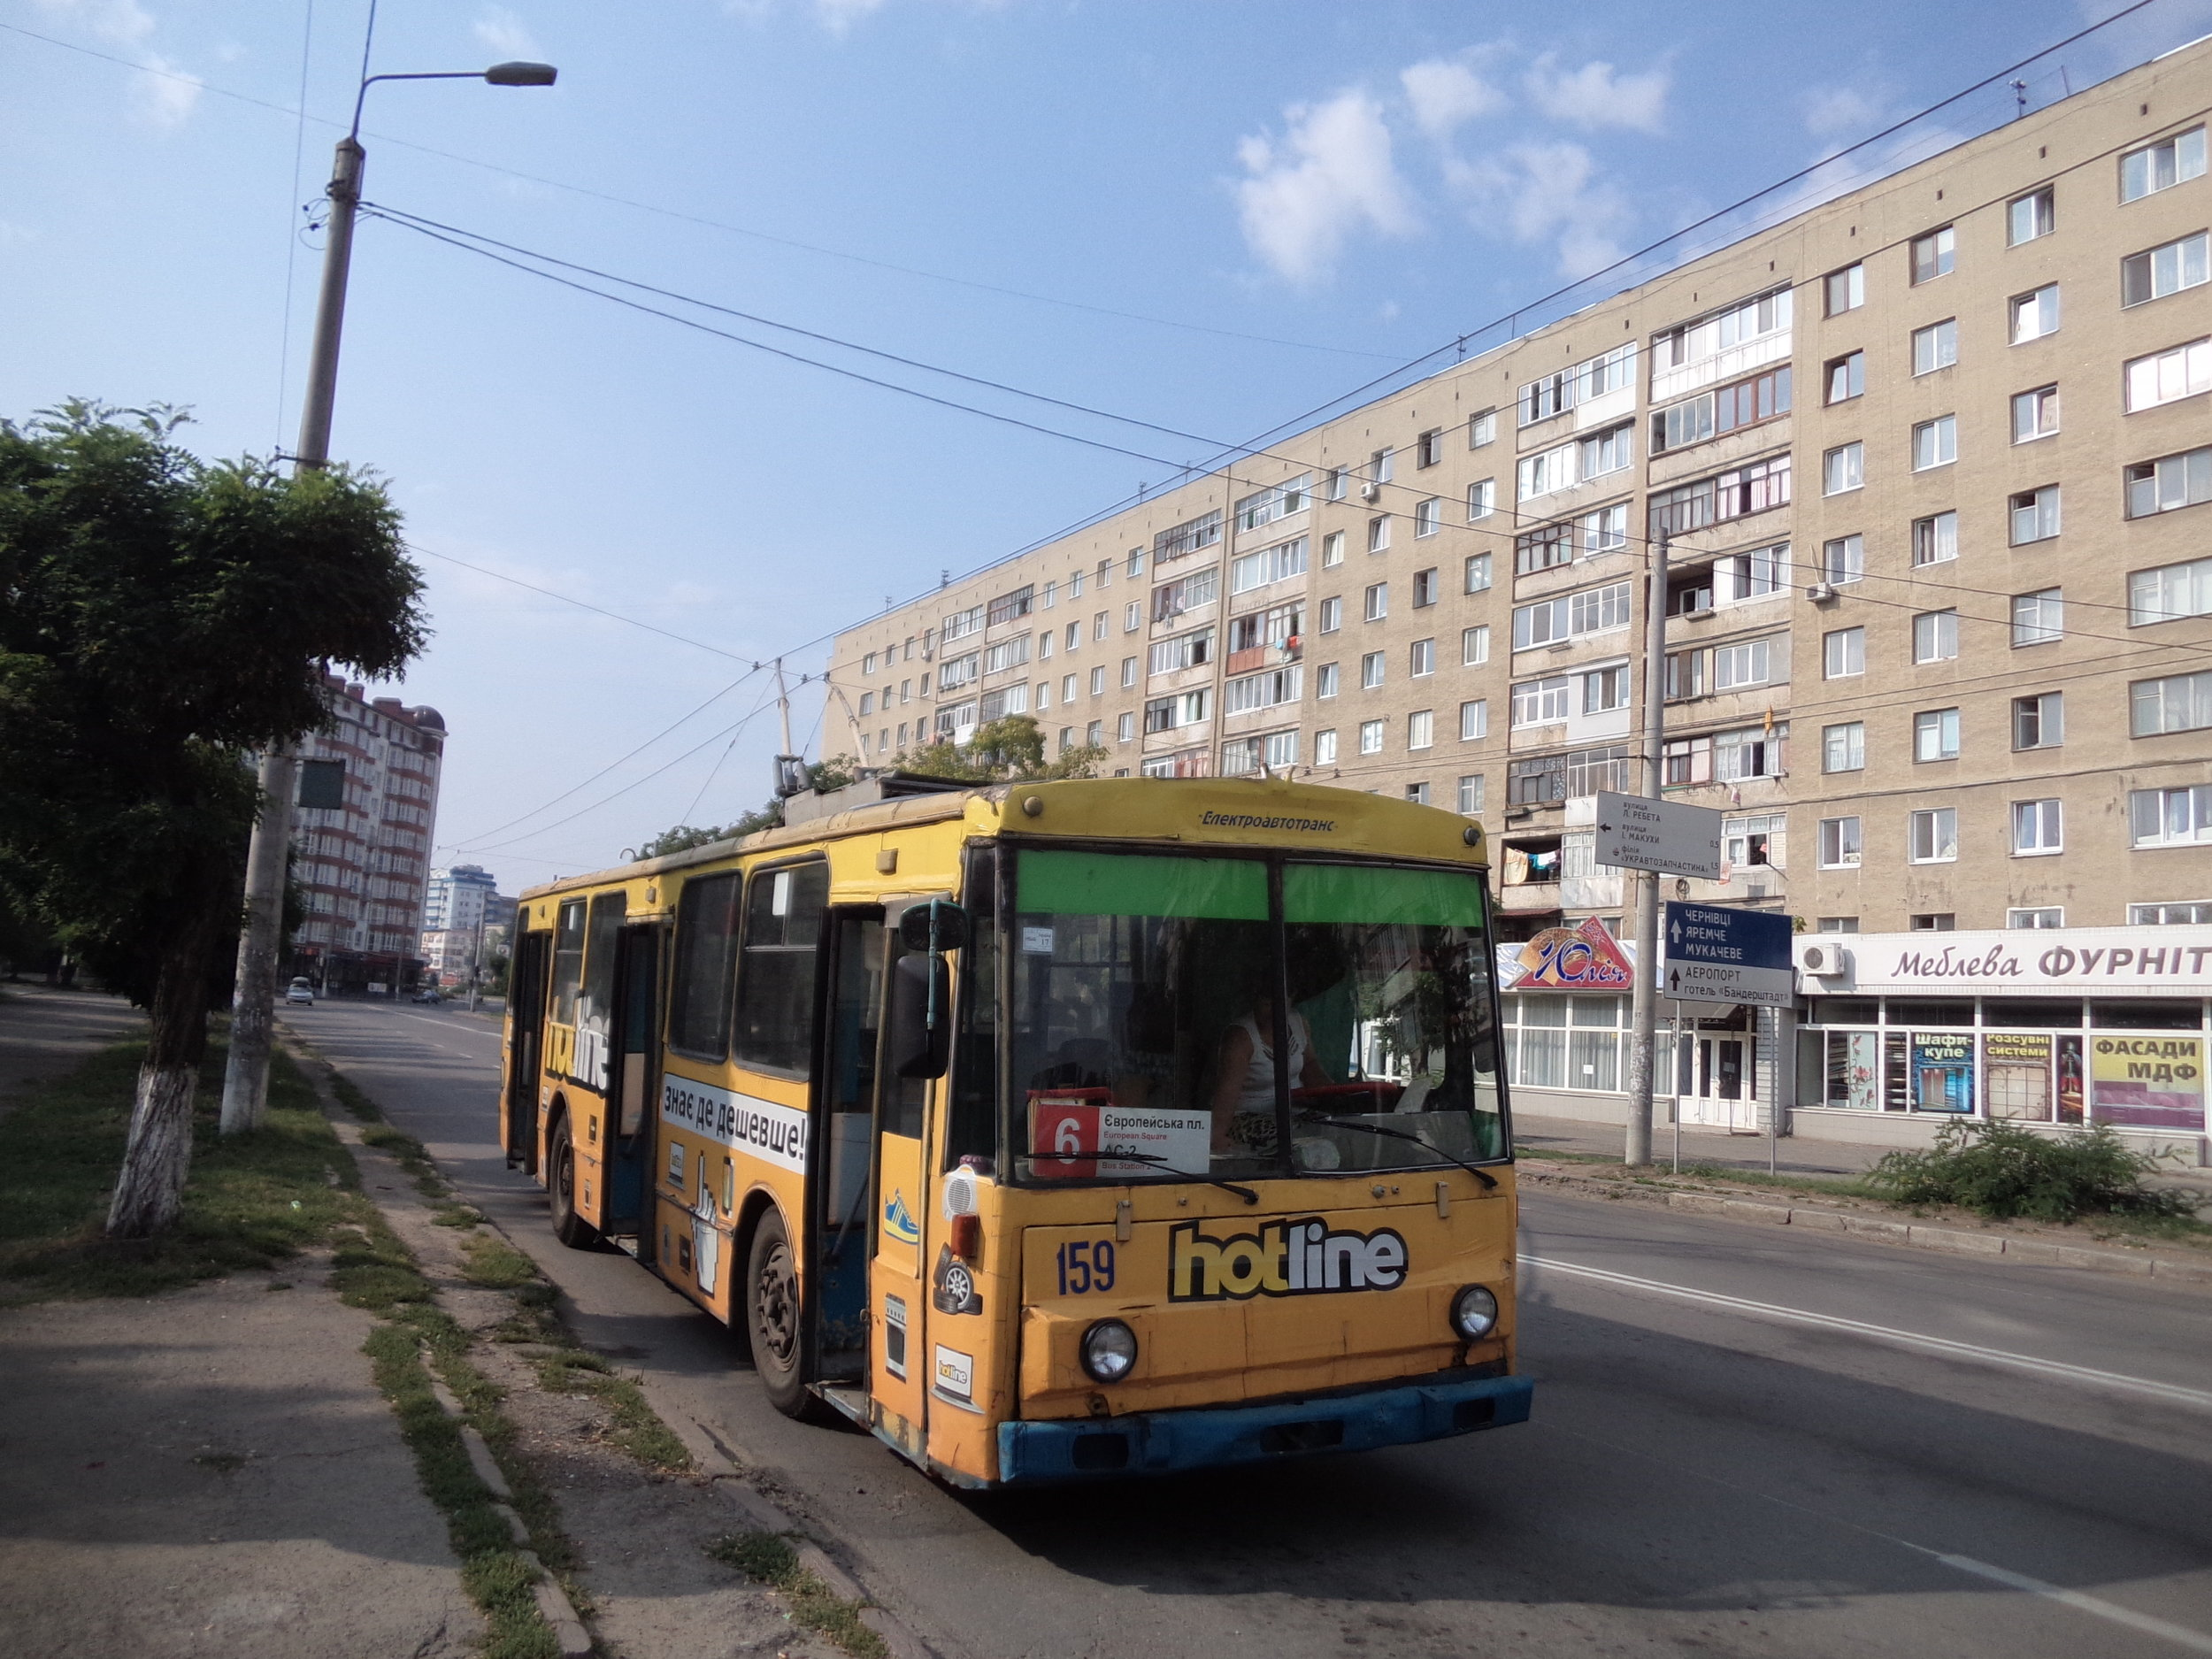 Tento vůz typu 14Tr03 je sice československé výroby, nicméně do Ivano-Frankivsku se vypravil z Německa, kde jej do roku 1994 provozovala Postupim a do roku 1989 Eberswalde. V roce 1994 přišly spolu s tímto trolejbusem z Postupimi ještě další dva, kterézískaly ev. č. 158 (tento působil do roku 1990 ve Výmaru)a 160, nicméně druhý jmenovaný už do provozu dávno nezasahuje.